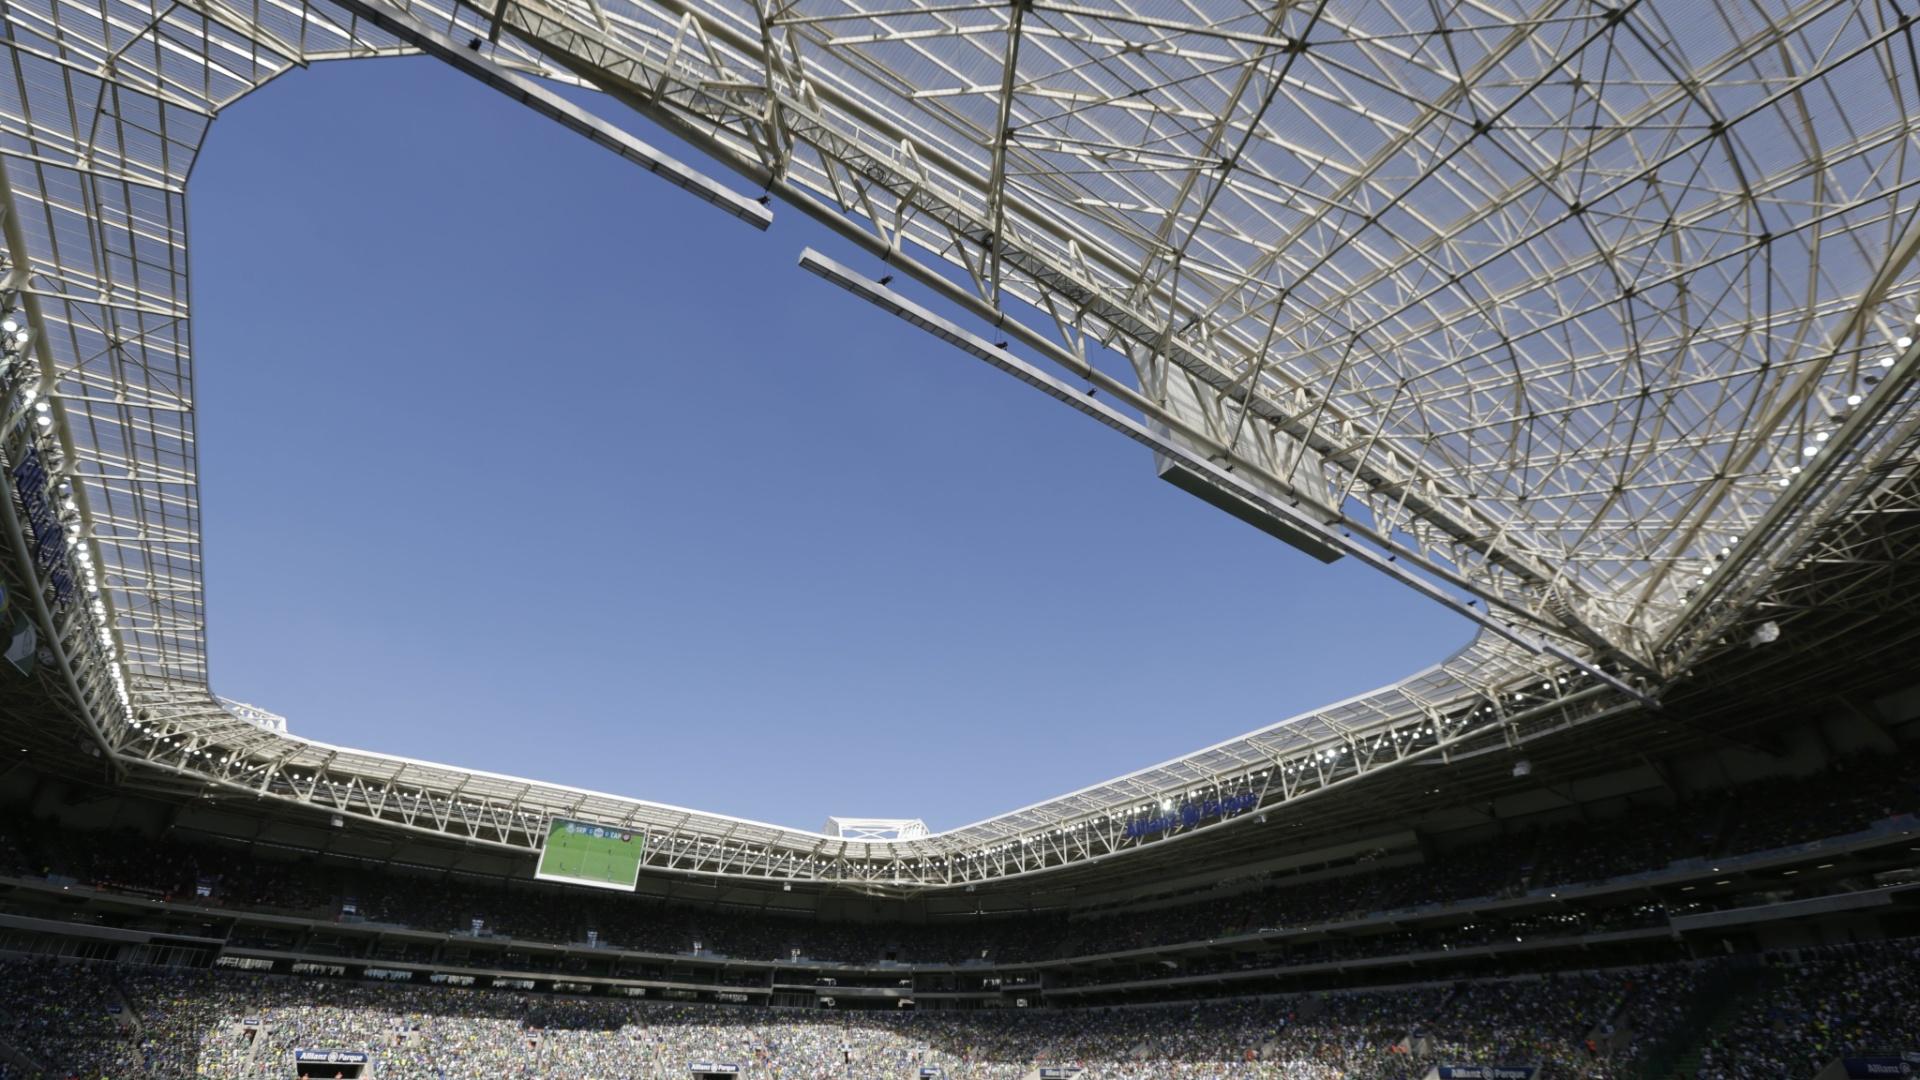 Allianz Parque completa 1 ano de vida com 36 jogos disputados